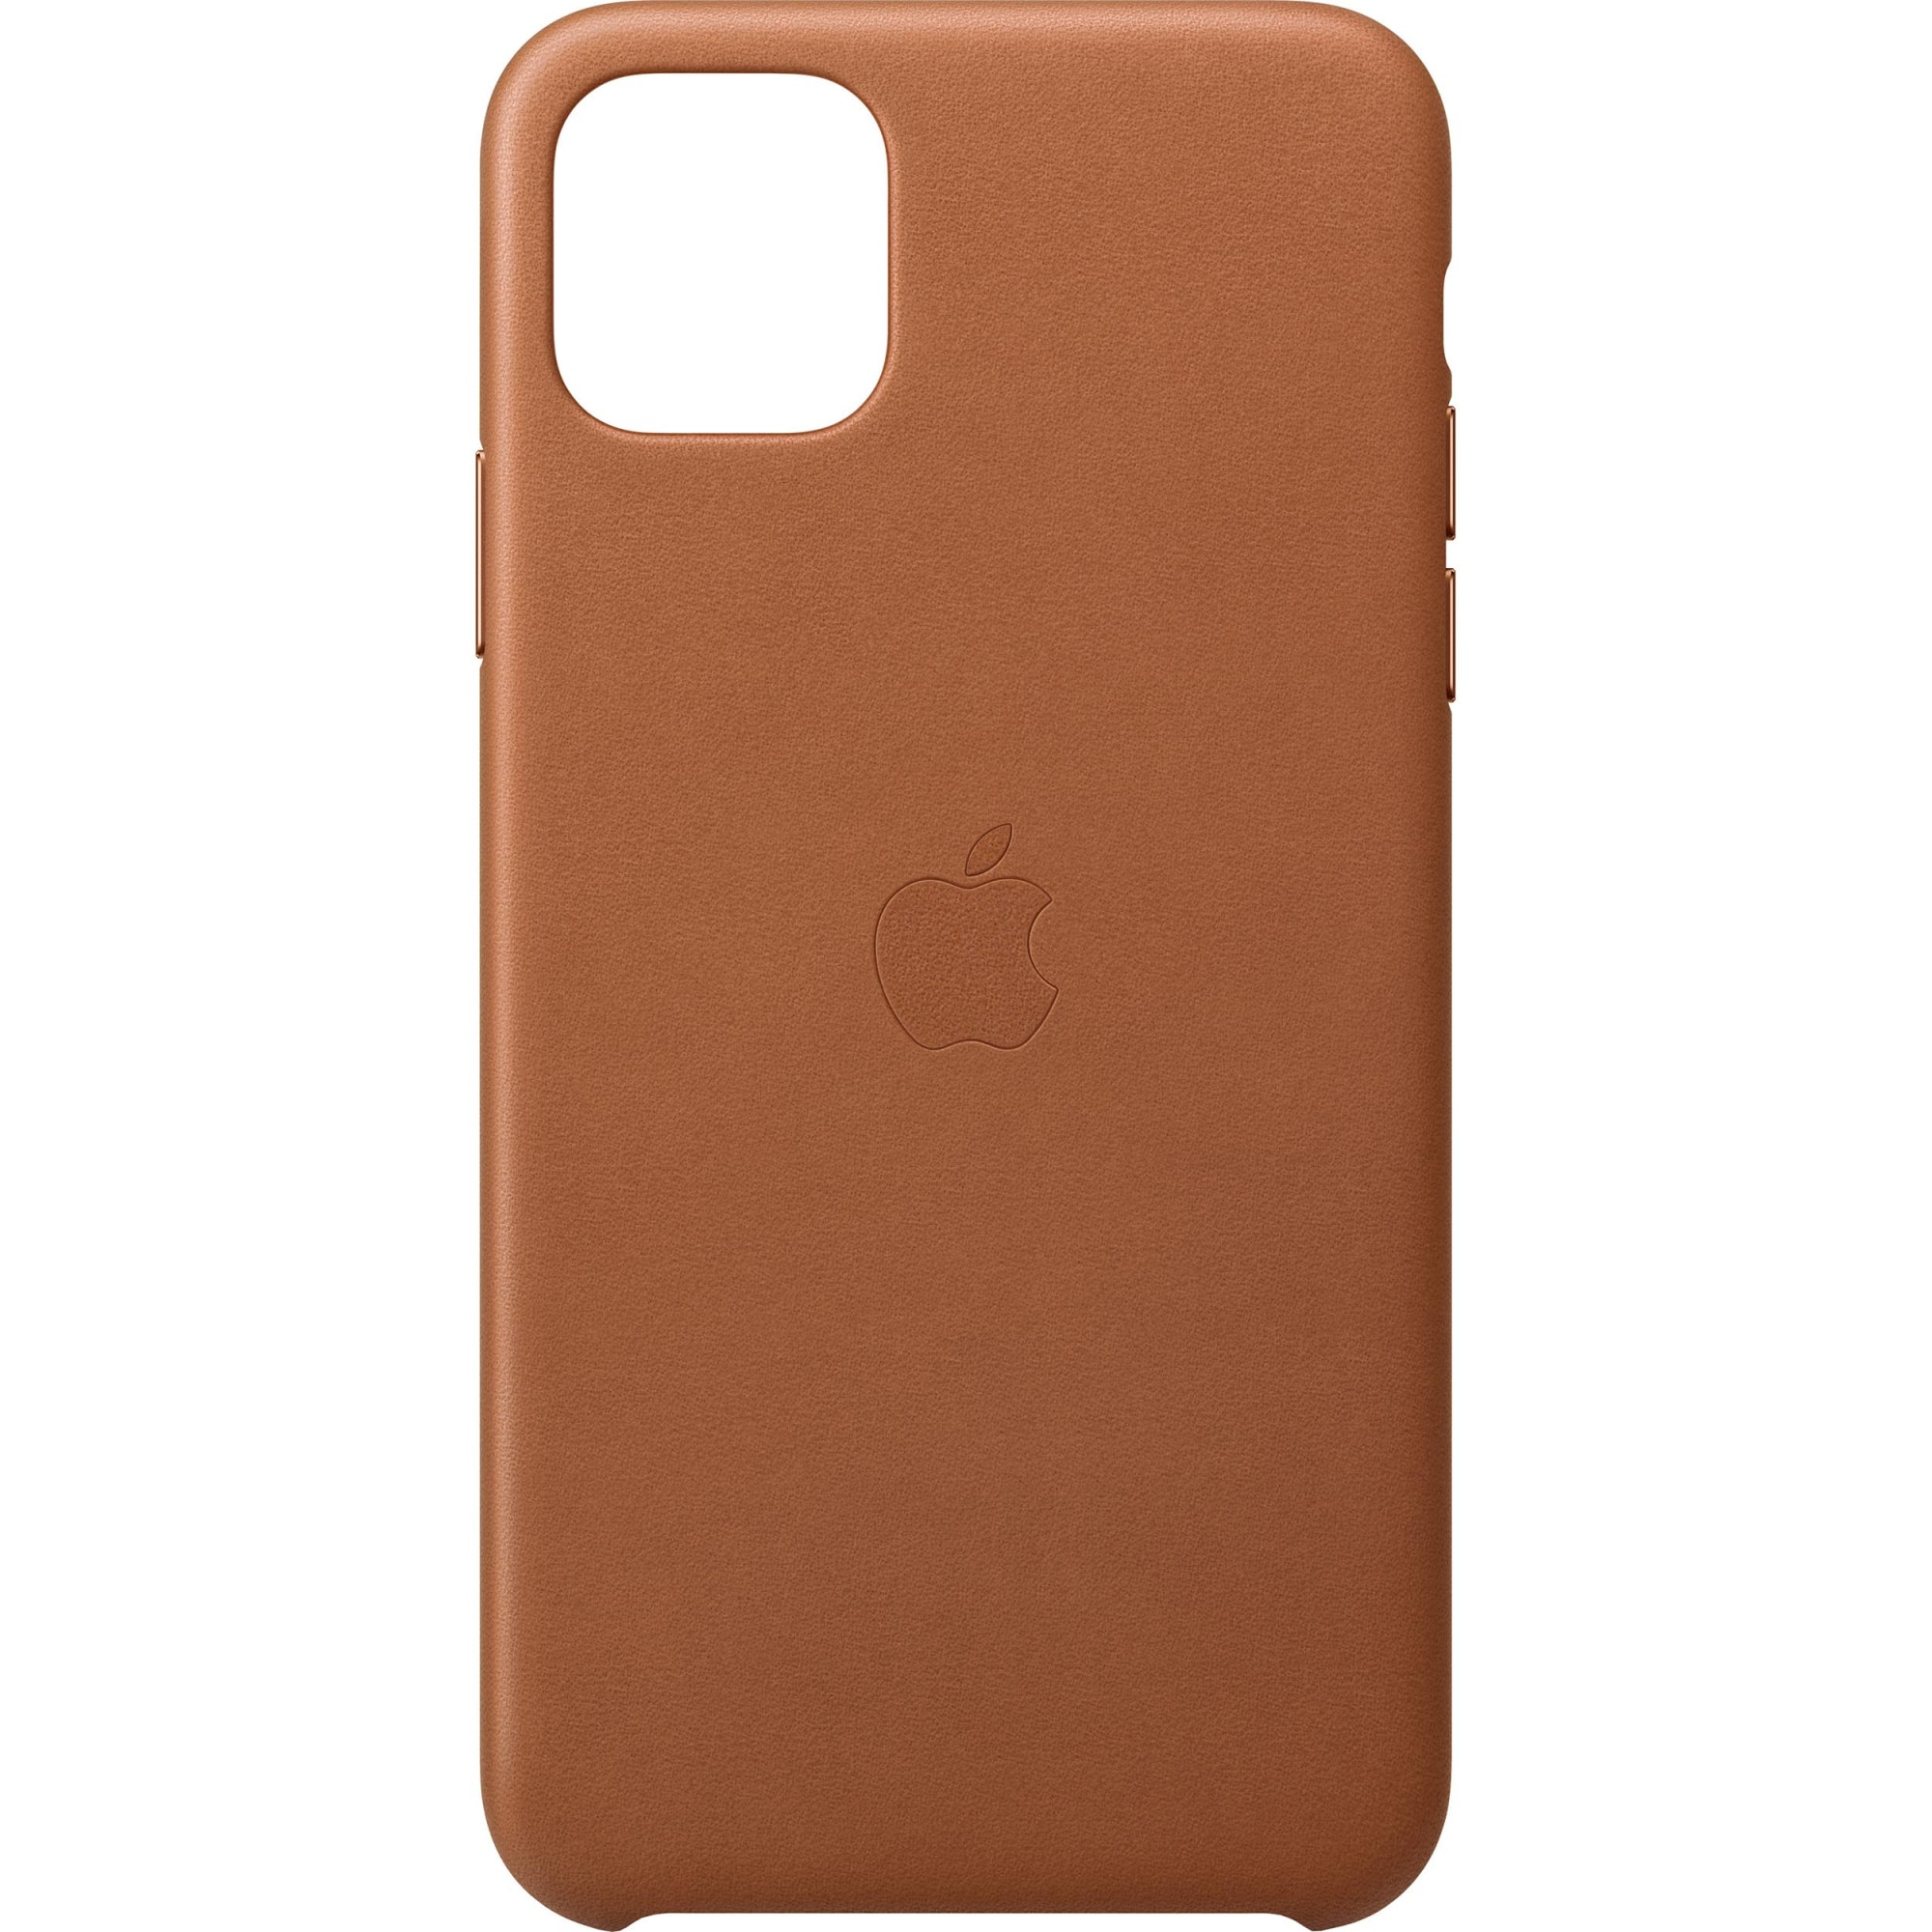 Fotografie Husa de protectie Apple pentru iPhone 11 Pro Max, Piele, Saddle Brown